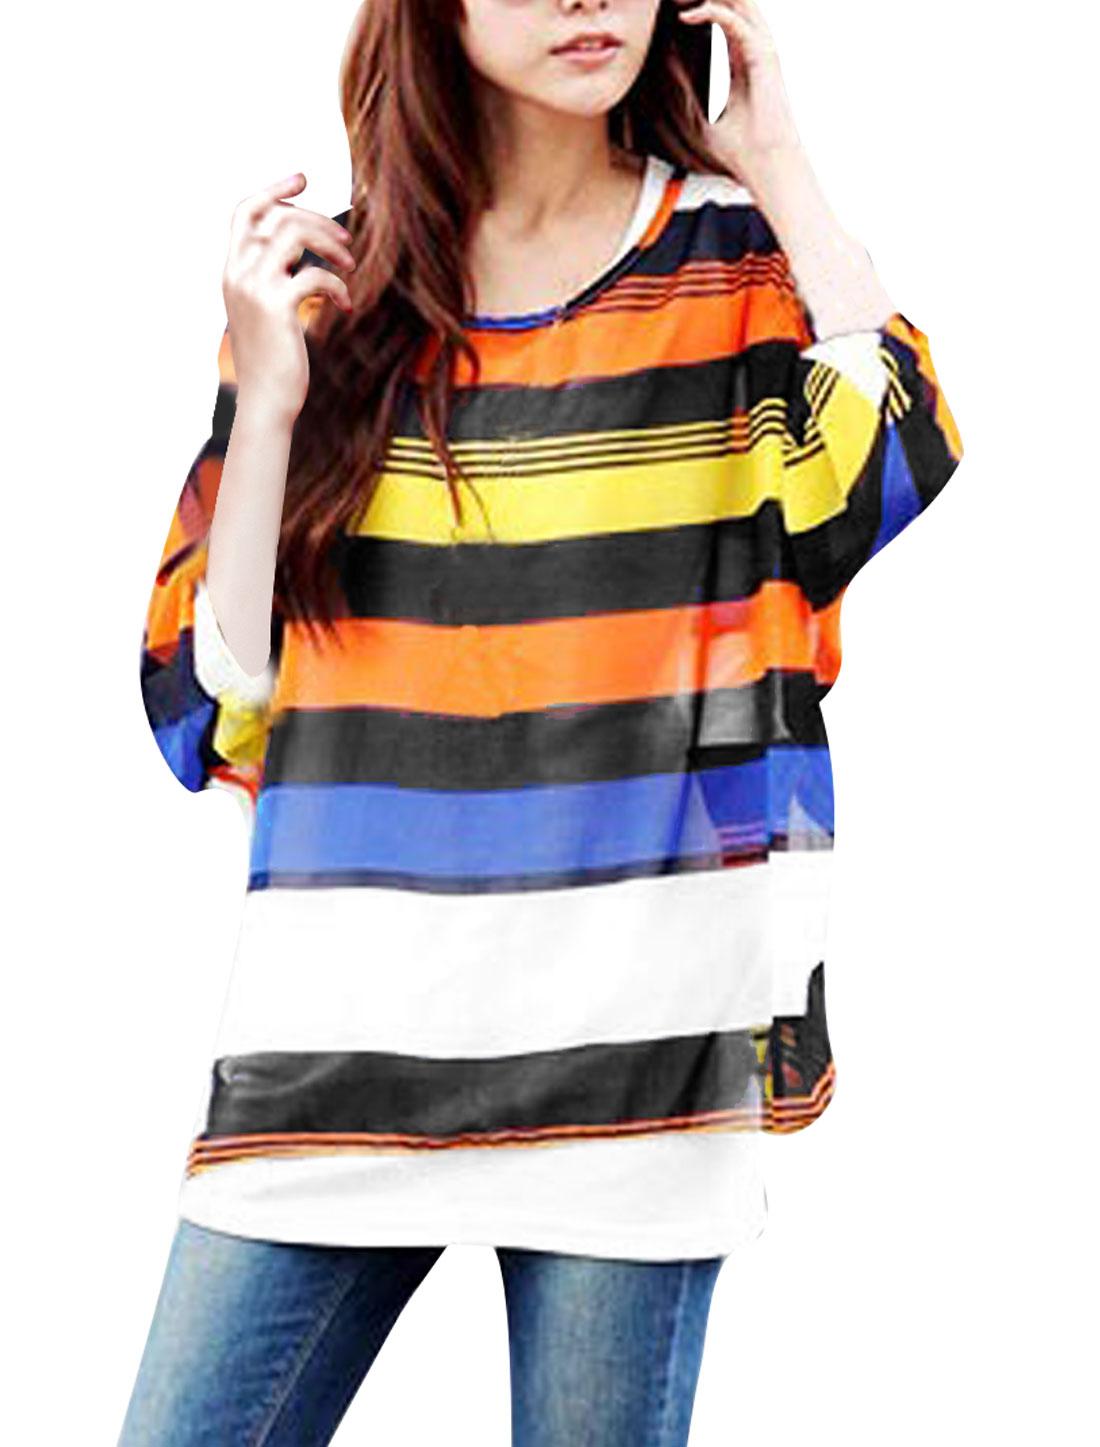 M Ladies Round Neck Pullover Style Stripes Print Blouse Orange White